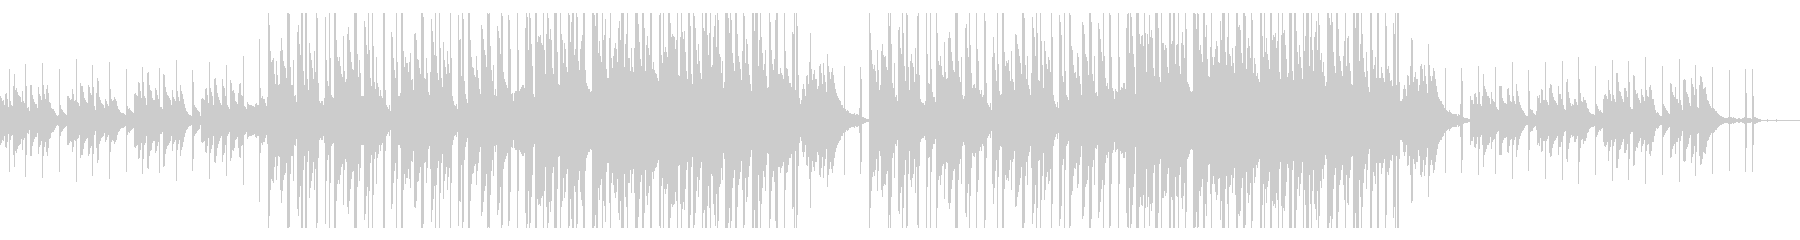 優しいピアノLOFI HIPHOP風の未再生の波形